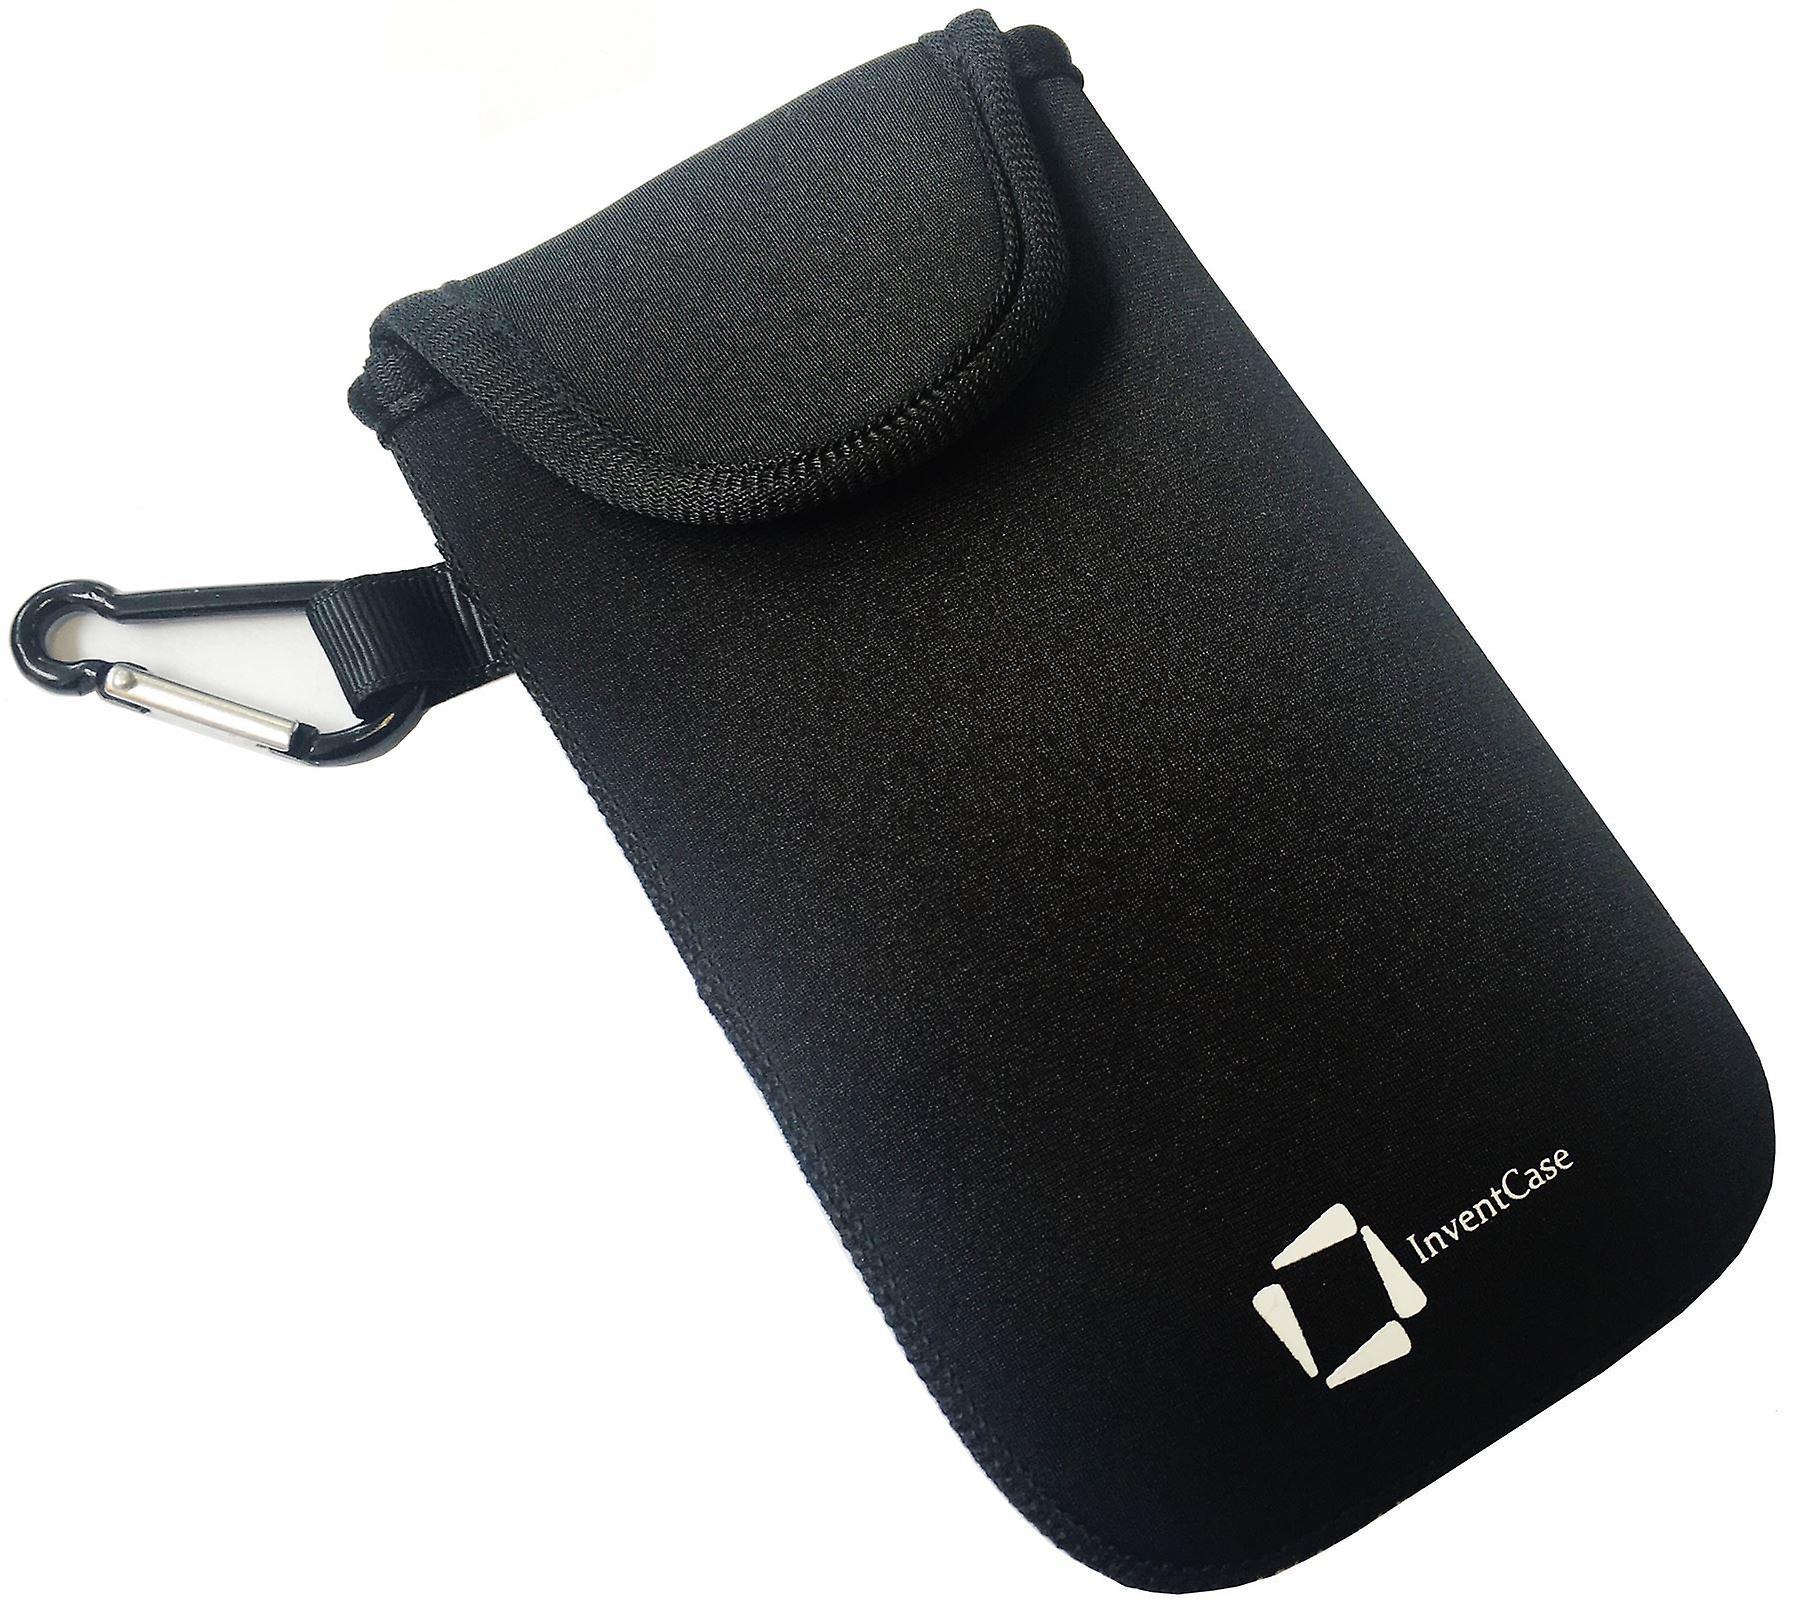 كيس تغطية القضية الحقيبة واقية مقاومة لتأثير النيوبرين إينفينتكاسي مع إغلاق Velcro و Carabiner الألومنيوم لشركة الكاتيل بيكسي 3 (8) 4 ز-أسود